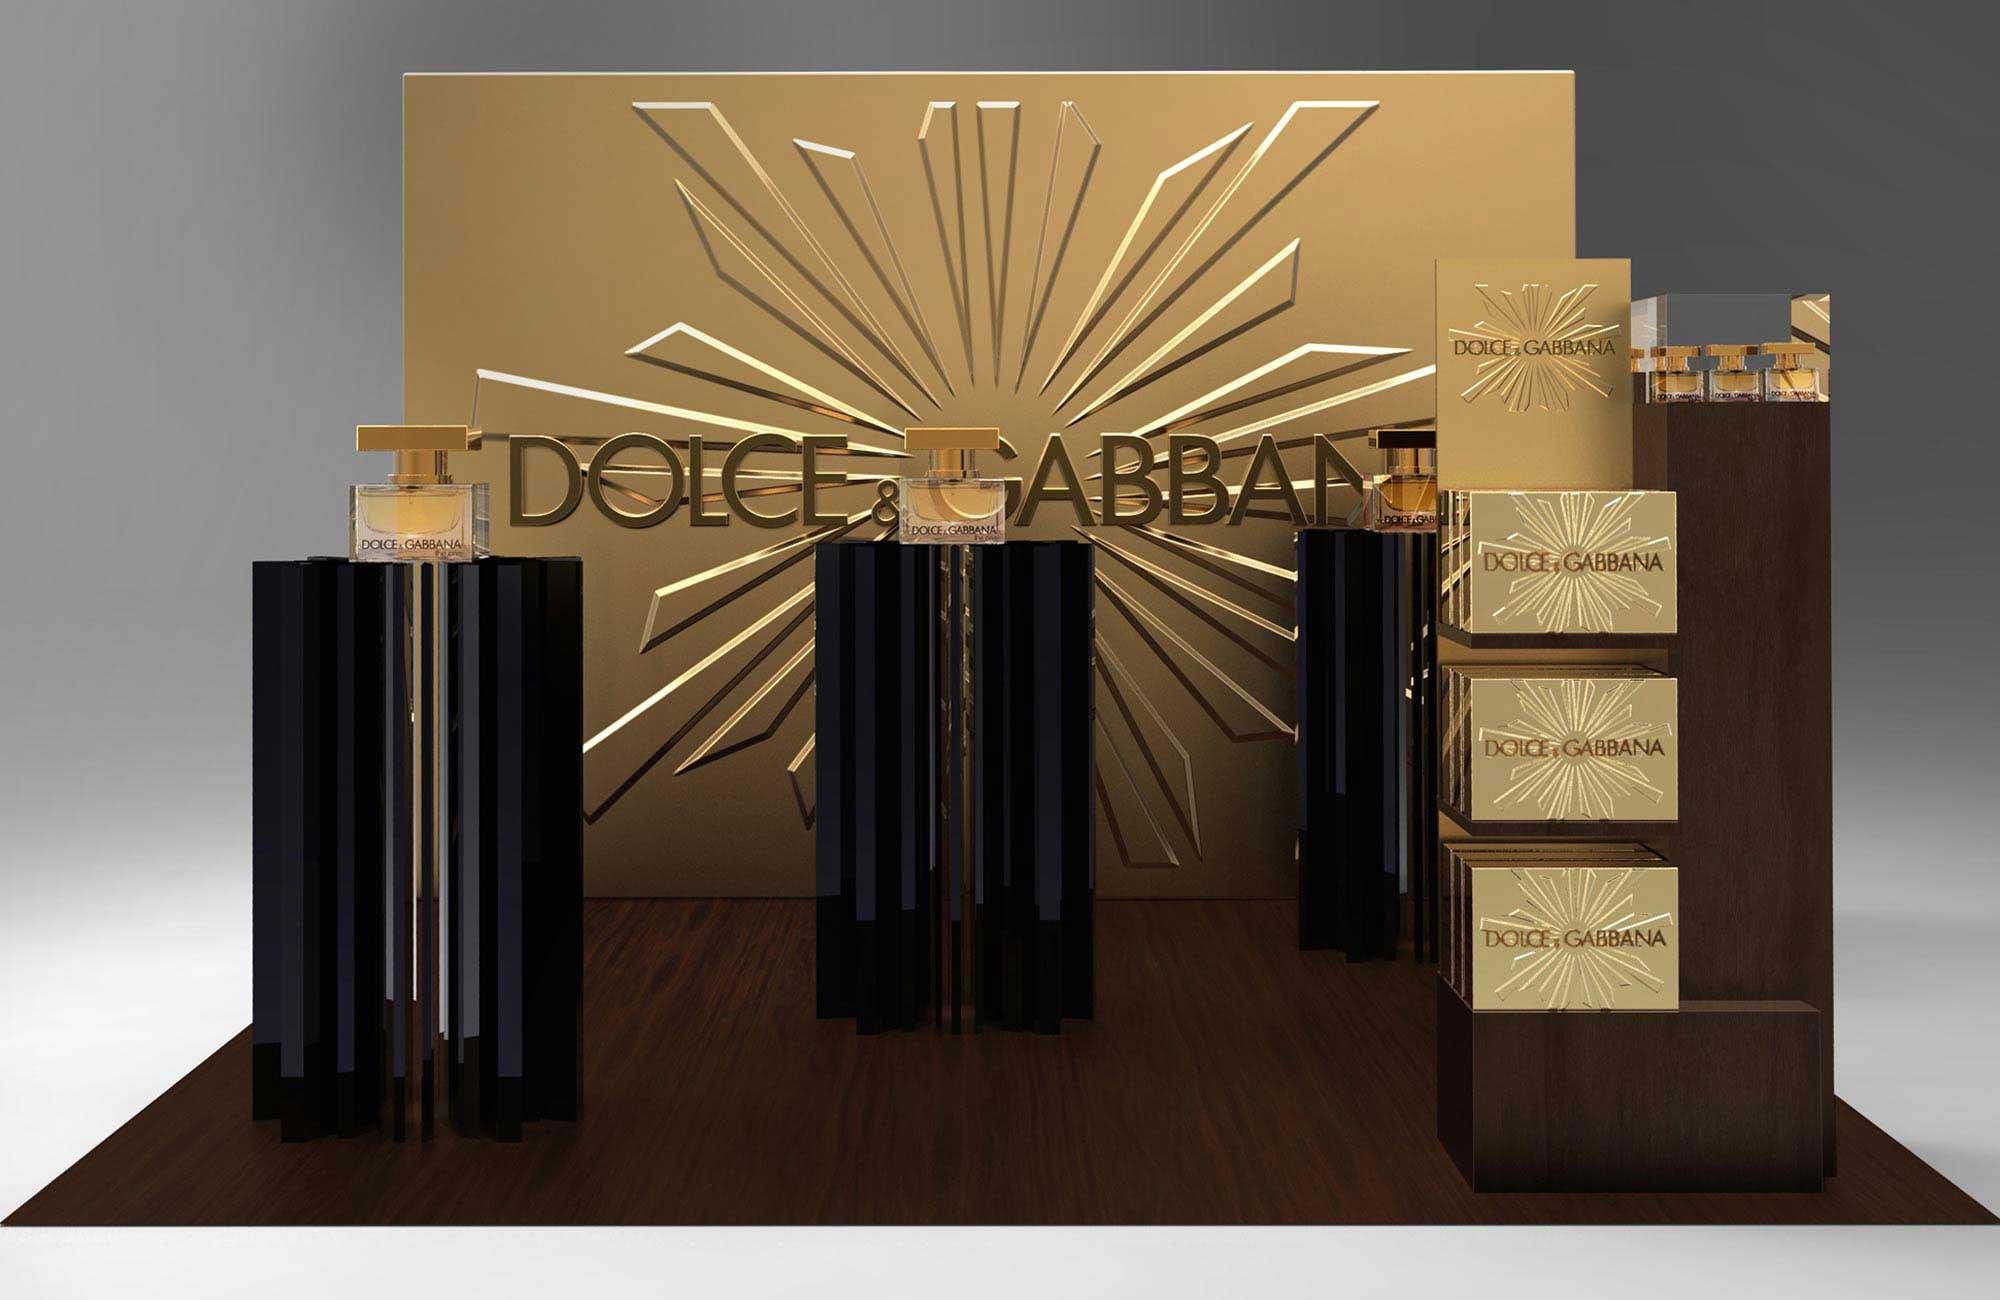 Design_Dolce&Gabbana_©loup.ch_2